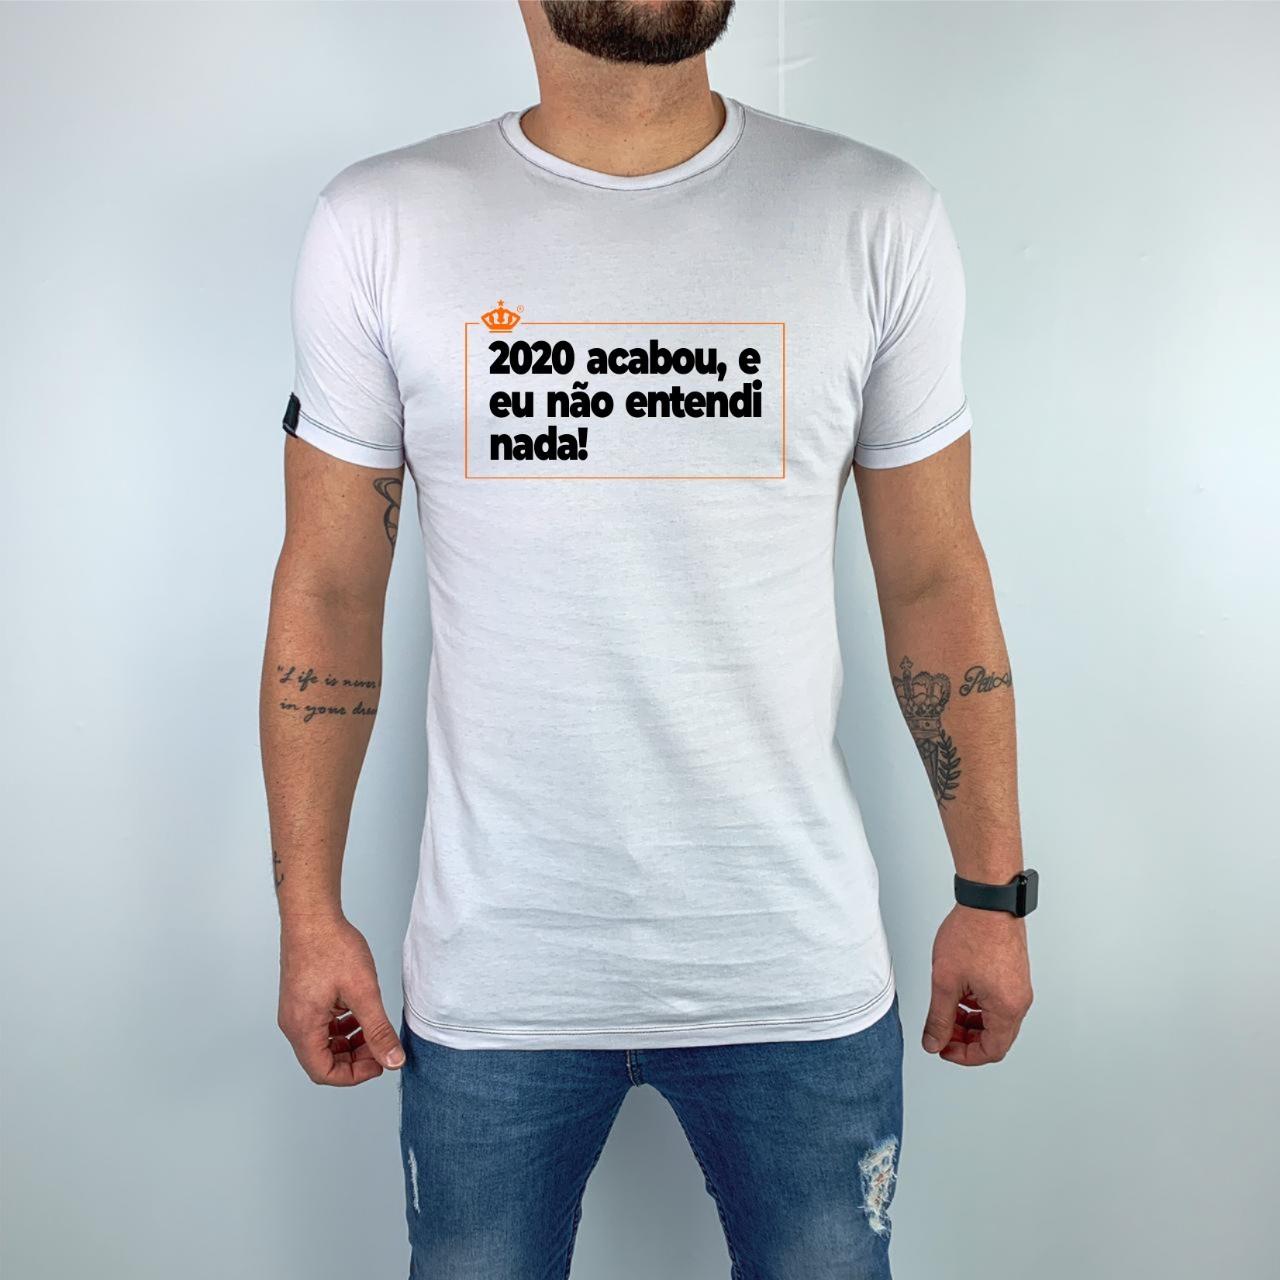 Camiseta 2020 acabou, e eu não entendi nada